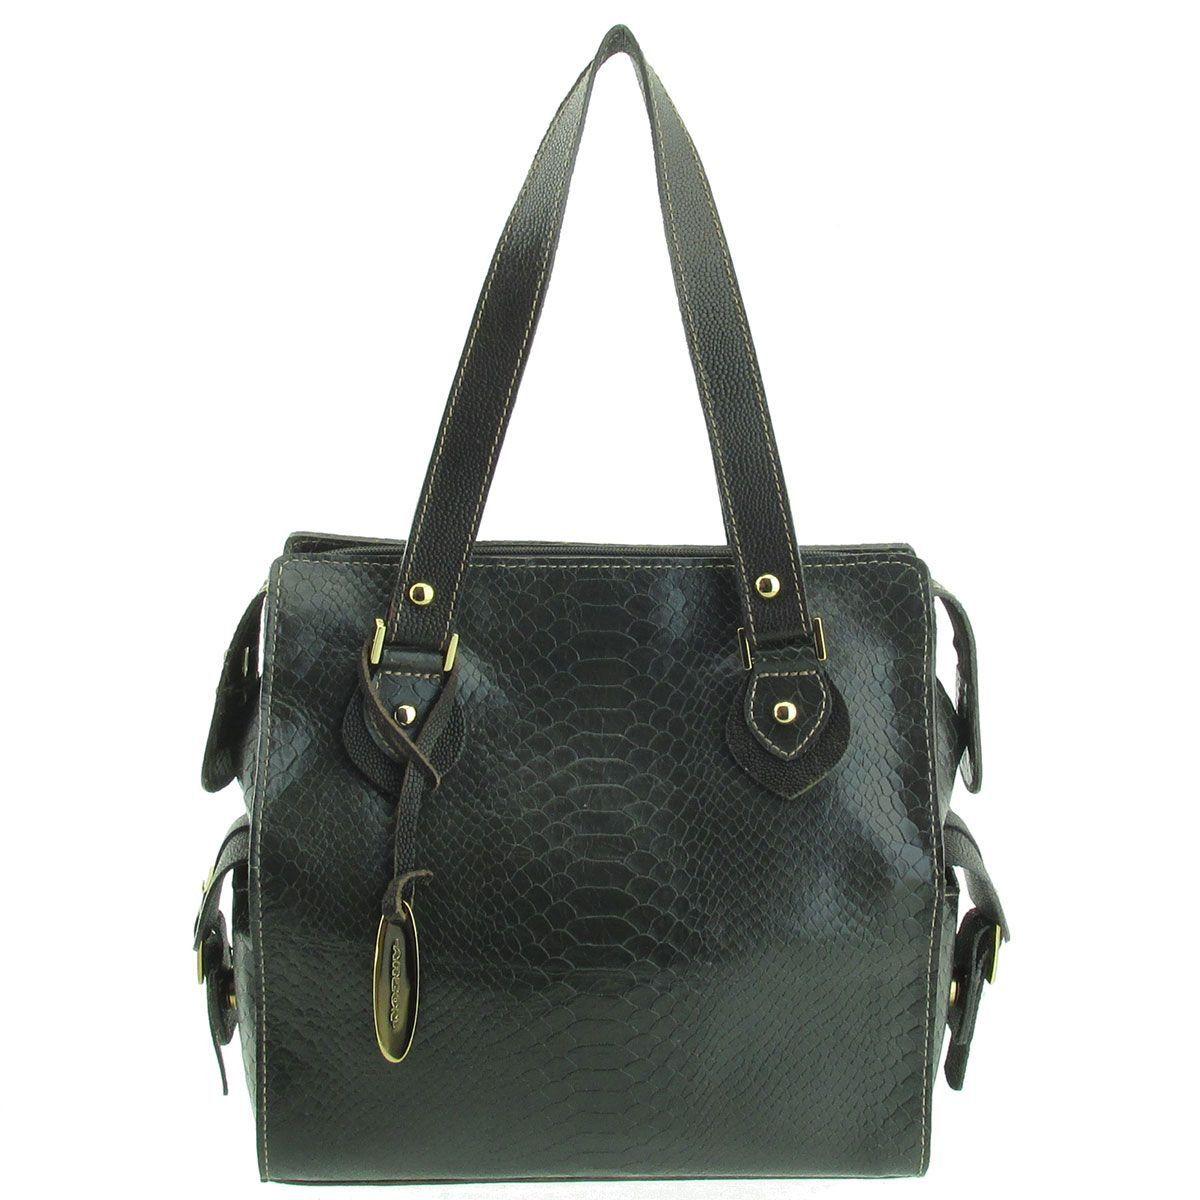 Bolsa Feminina Pequena Couro Verde Escuro